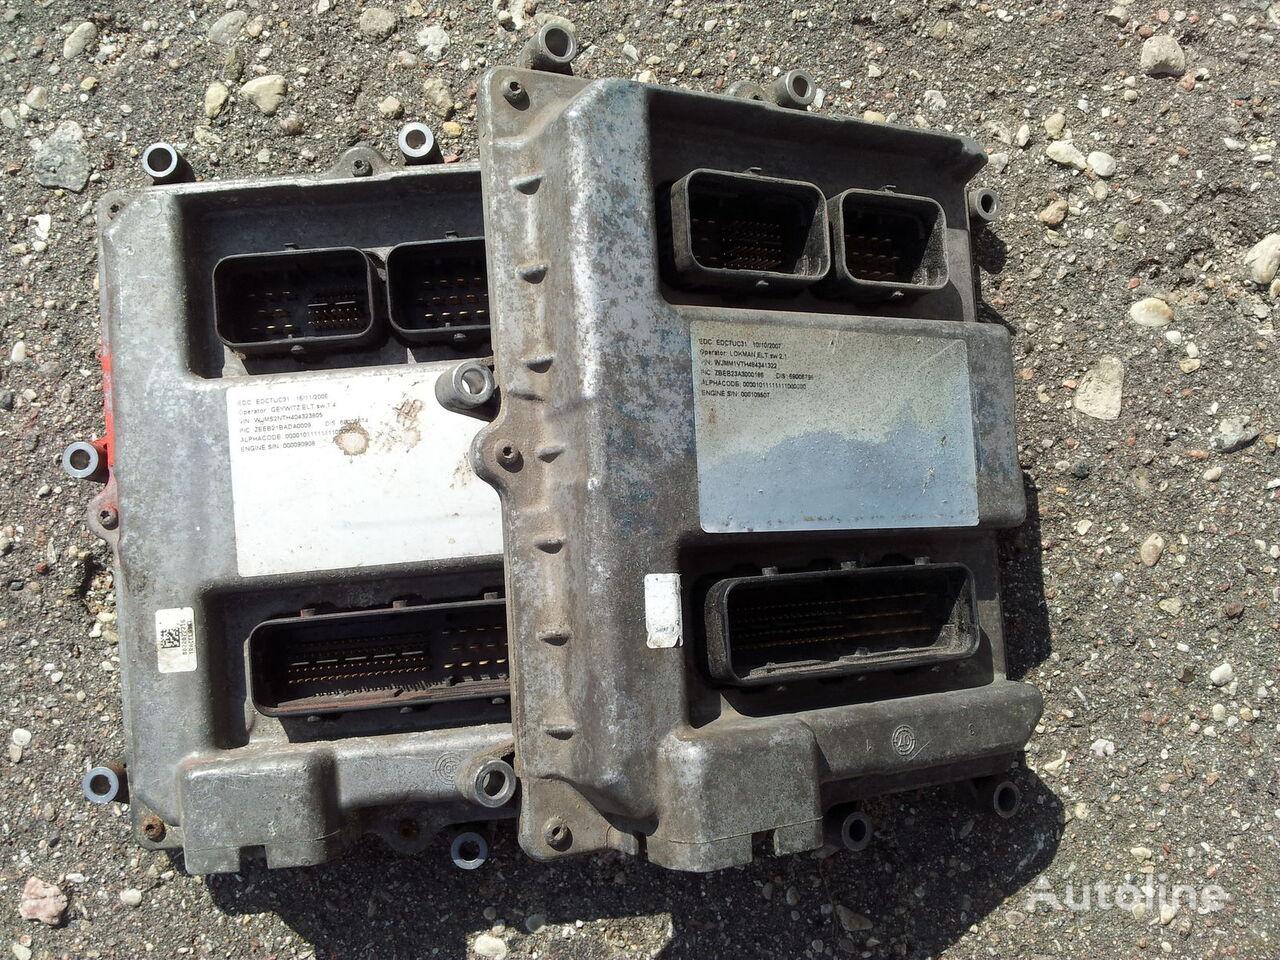 IVECO EURO5 420PS ECU 0281020048 engine computer EDC set (EDC, VCM, chip), 504122542, VCM-ELEKTRONIK 4462700020 control unit for IVECO STRALIS tractor unit